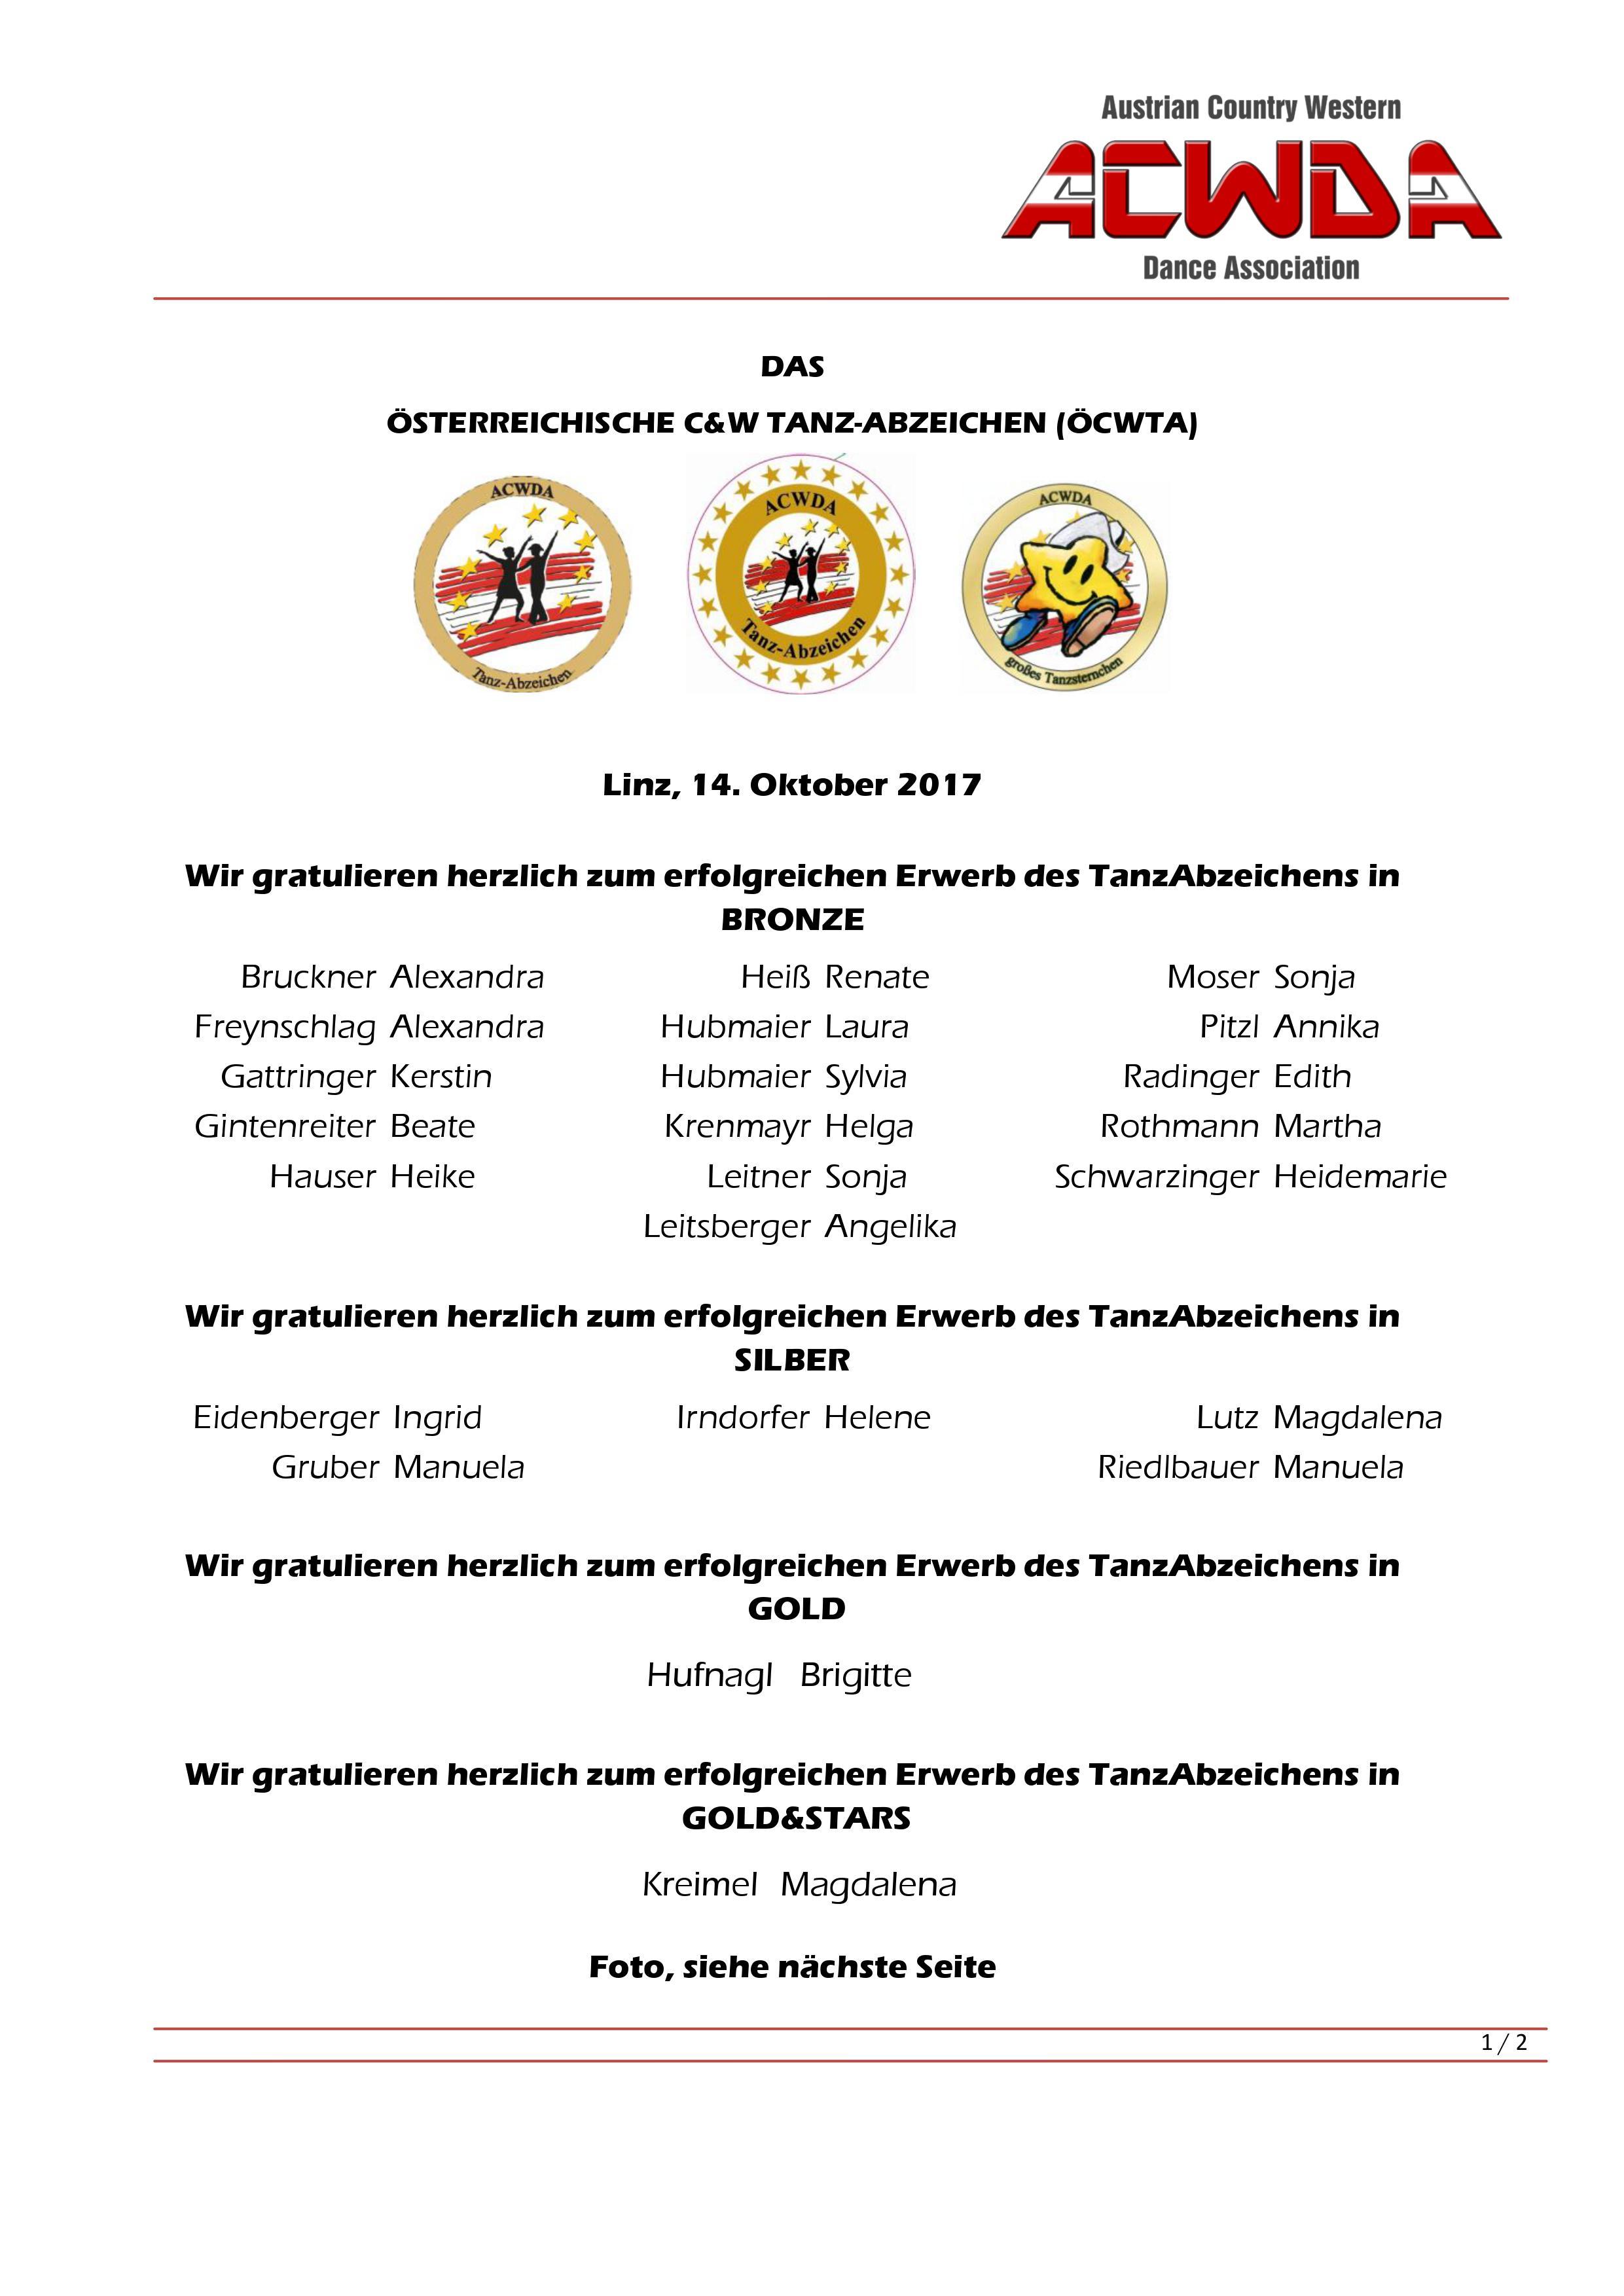 2017 TABZ Linz Liste